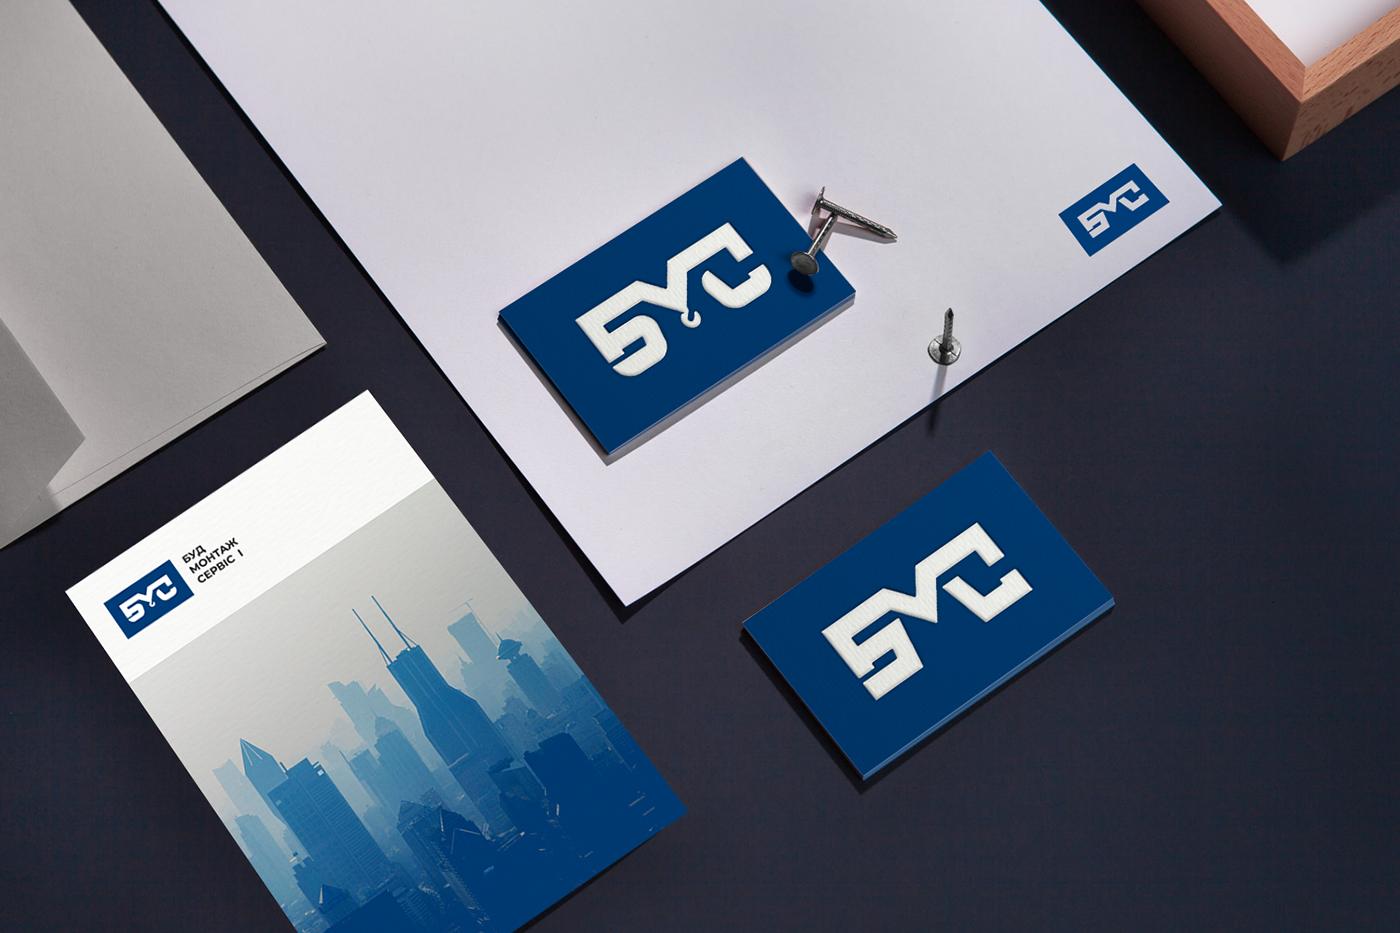 Логотип строительной компании строительный логотип логотип строительной фирмы логотип строительной организации ФИРМЕННЫЙ СТИЛЬ СТРОИТЕЛЬНОЙ логотип Киев разработка логотипа logo designer Logo Design logo identity